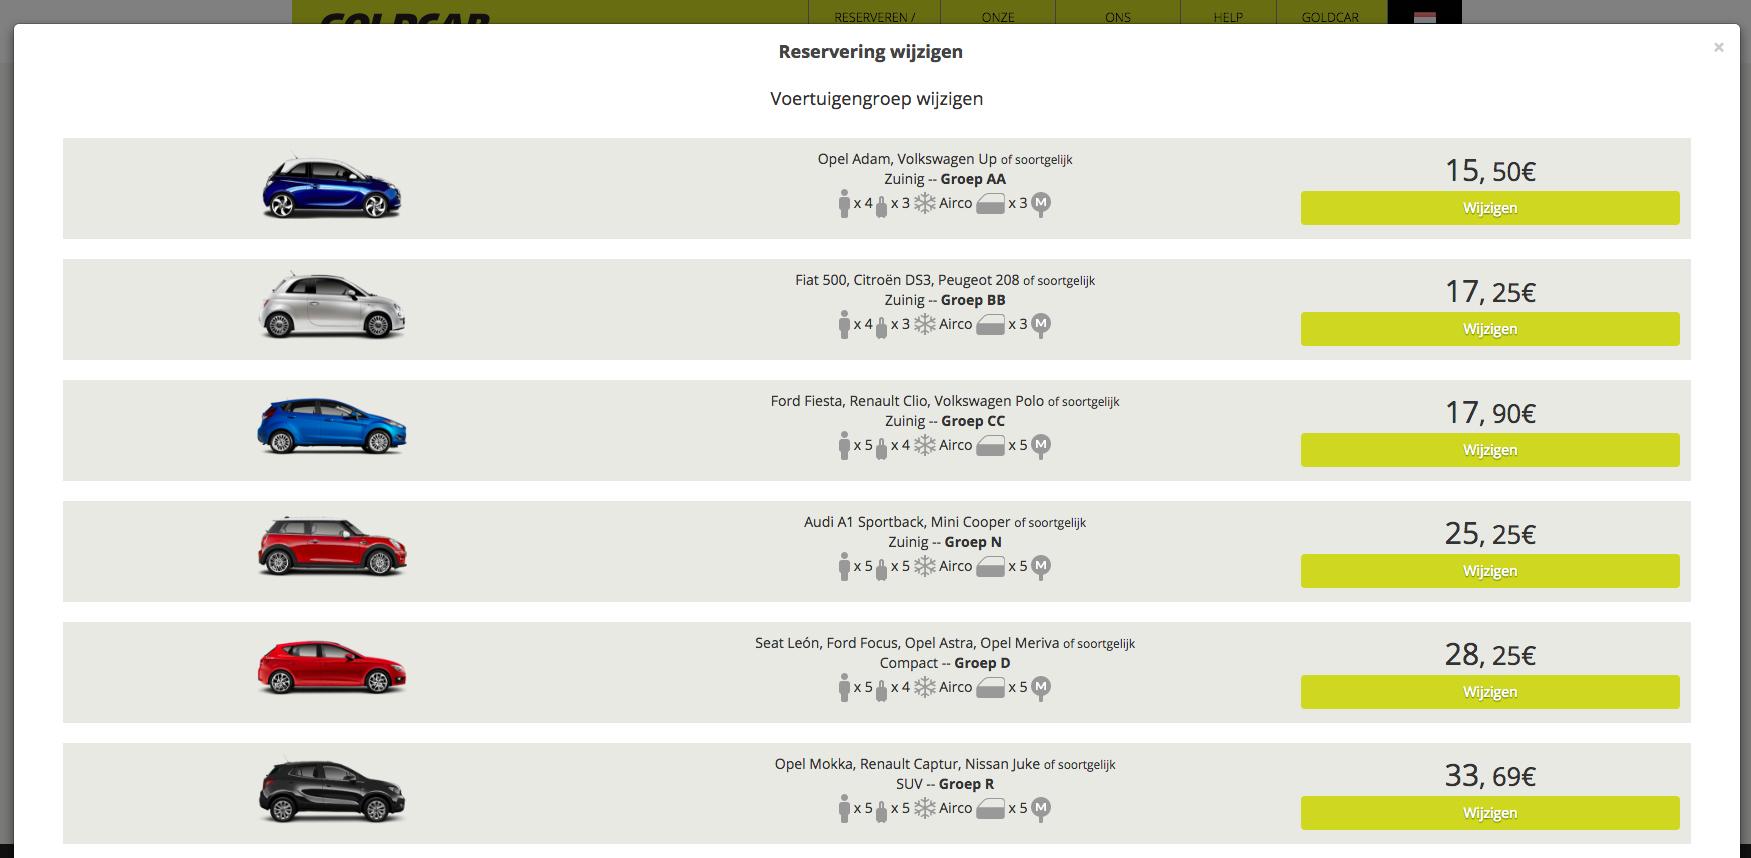 Mijn reservering wijzigen (Datum wijzigen, voertuig wijzigen, extra's toevoegen of verwijderen…) (6)